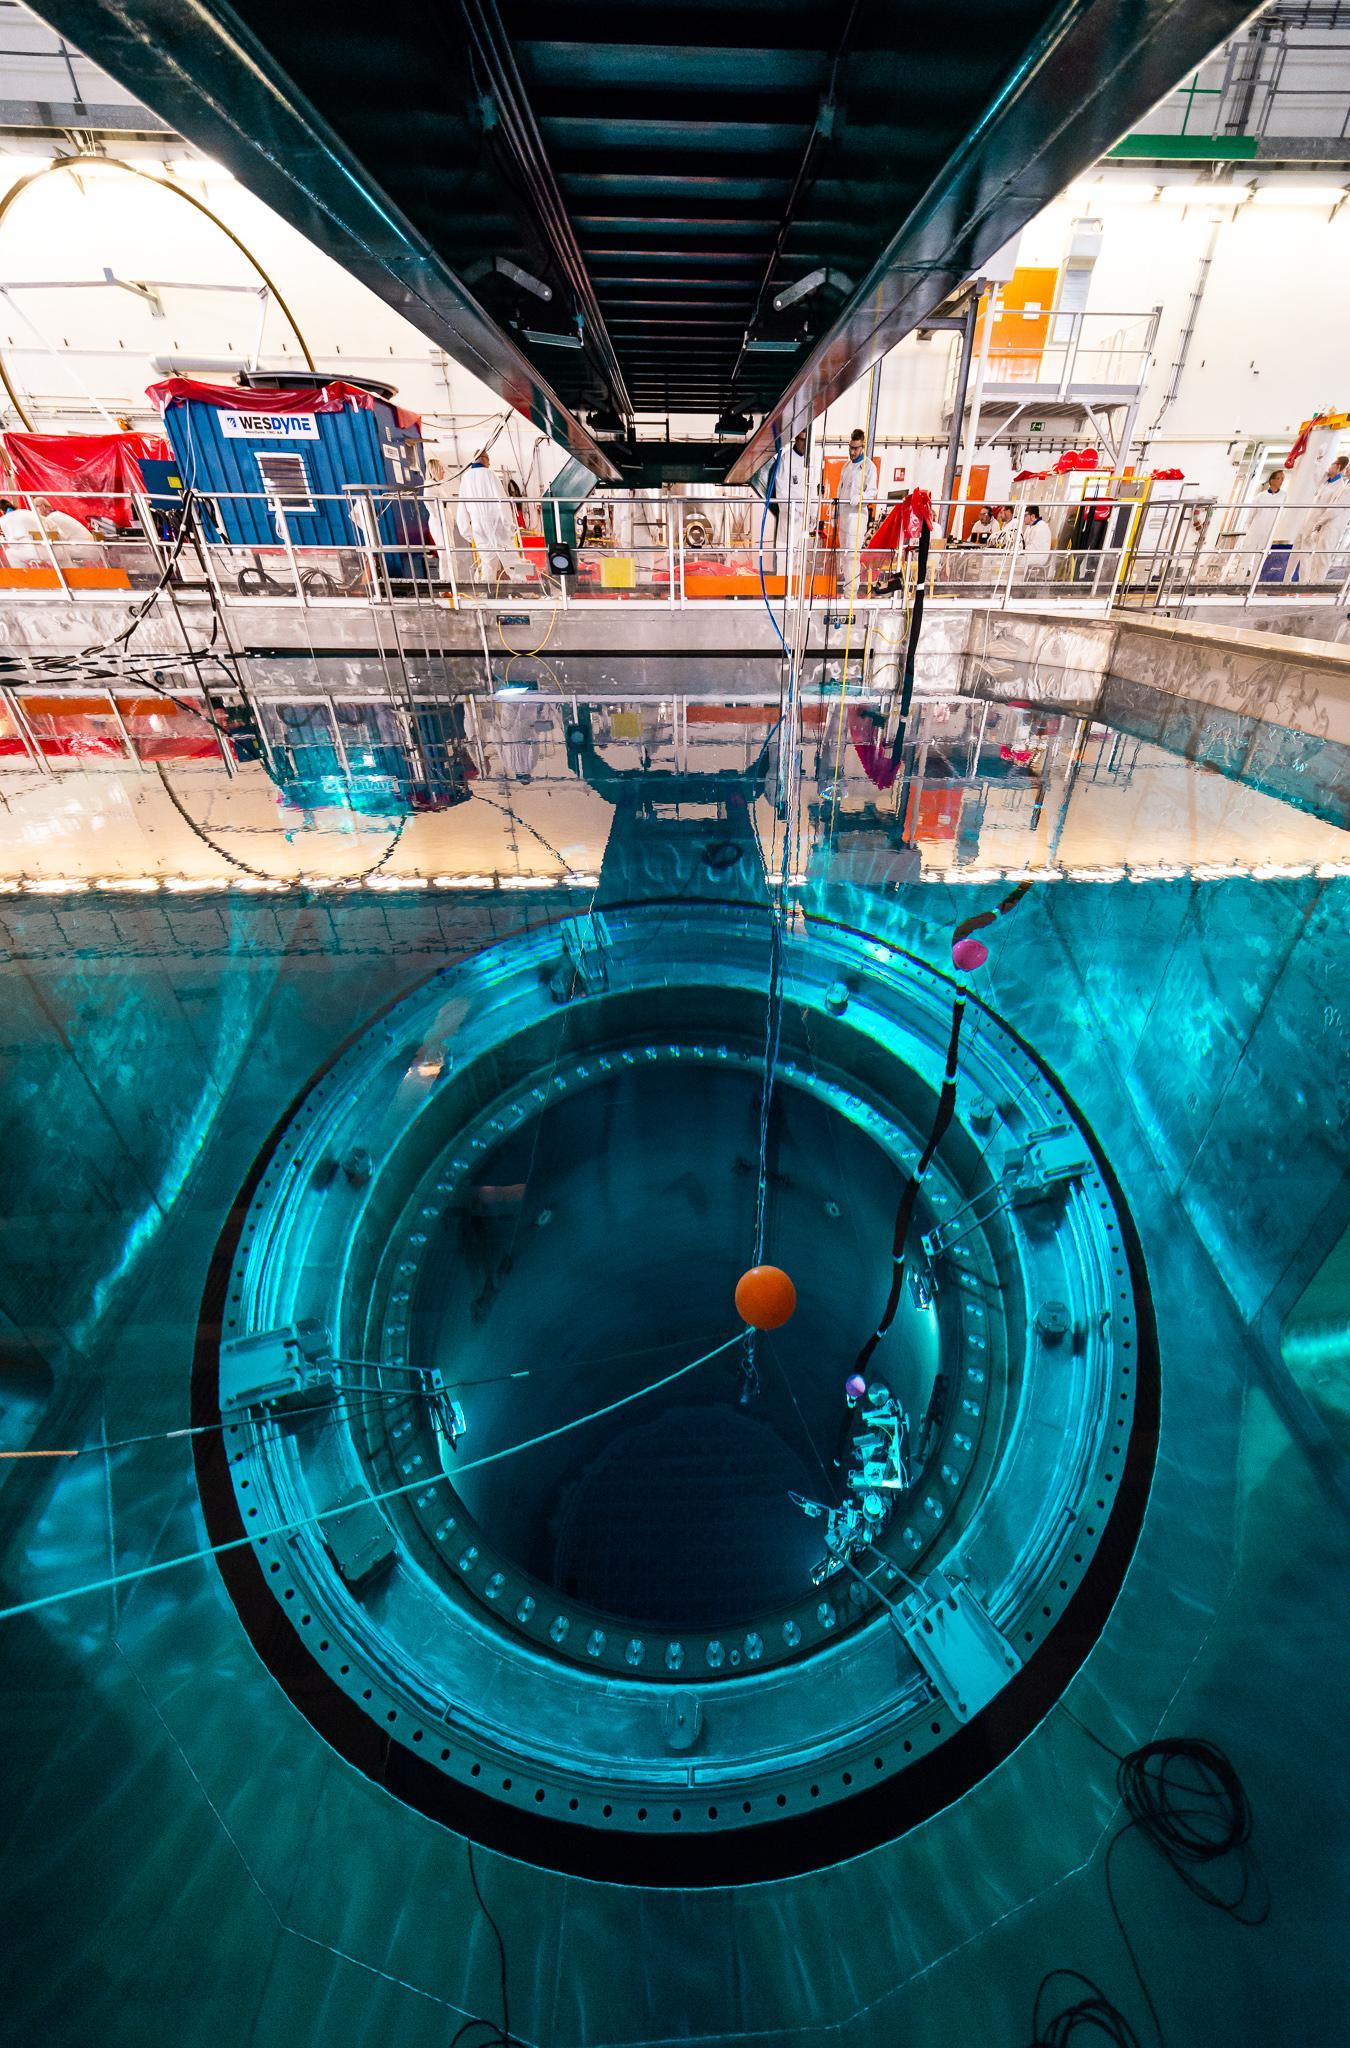 芬蘭奧爾基洛托(Olkiluoto)核電站年度維護時間縮短